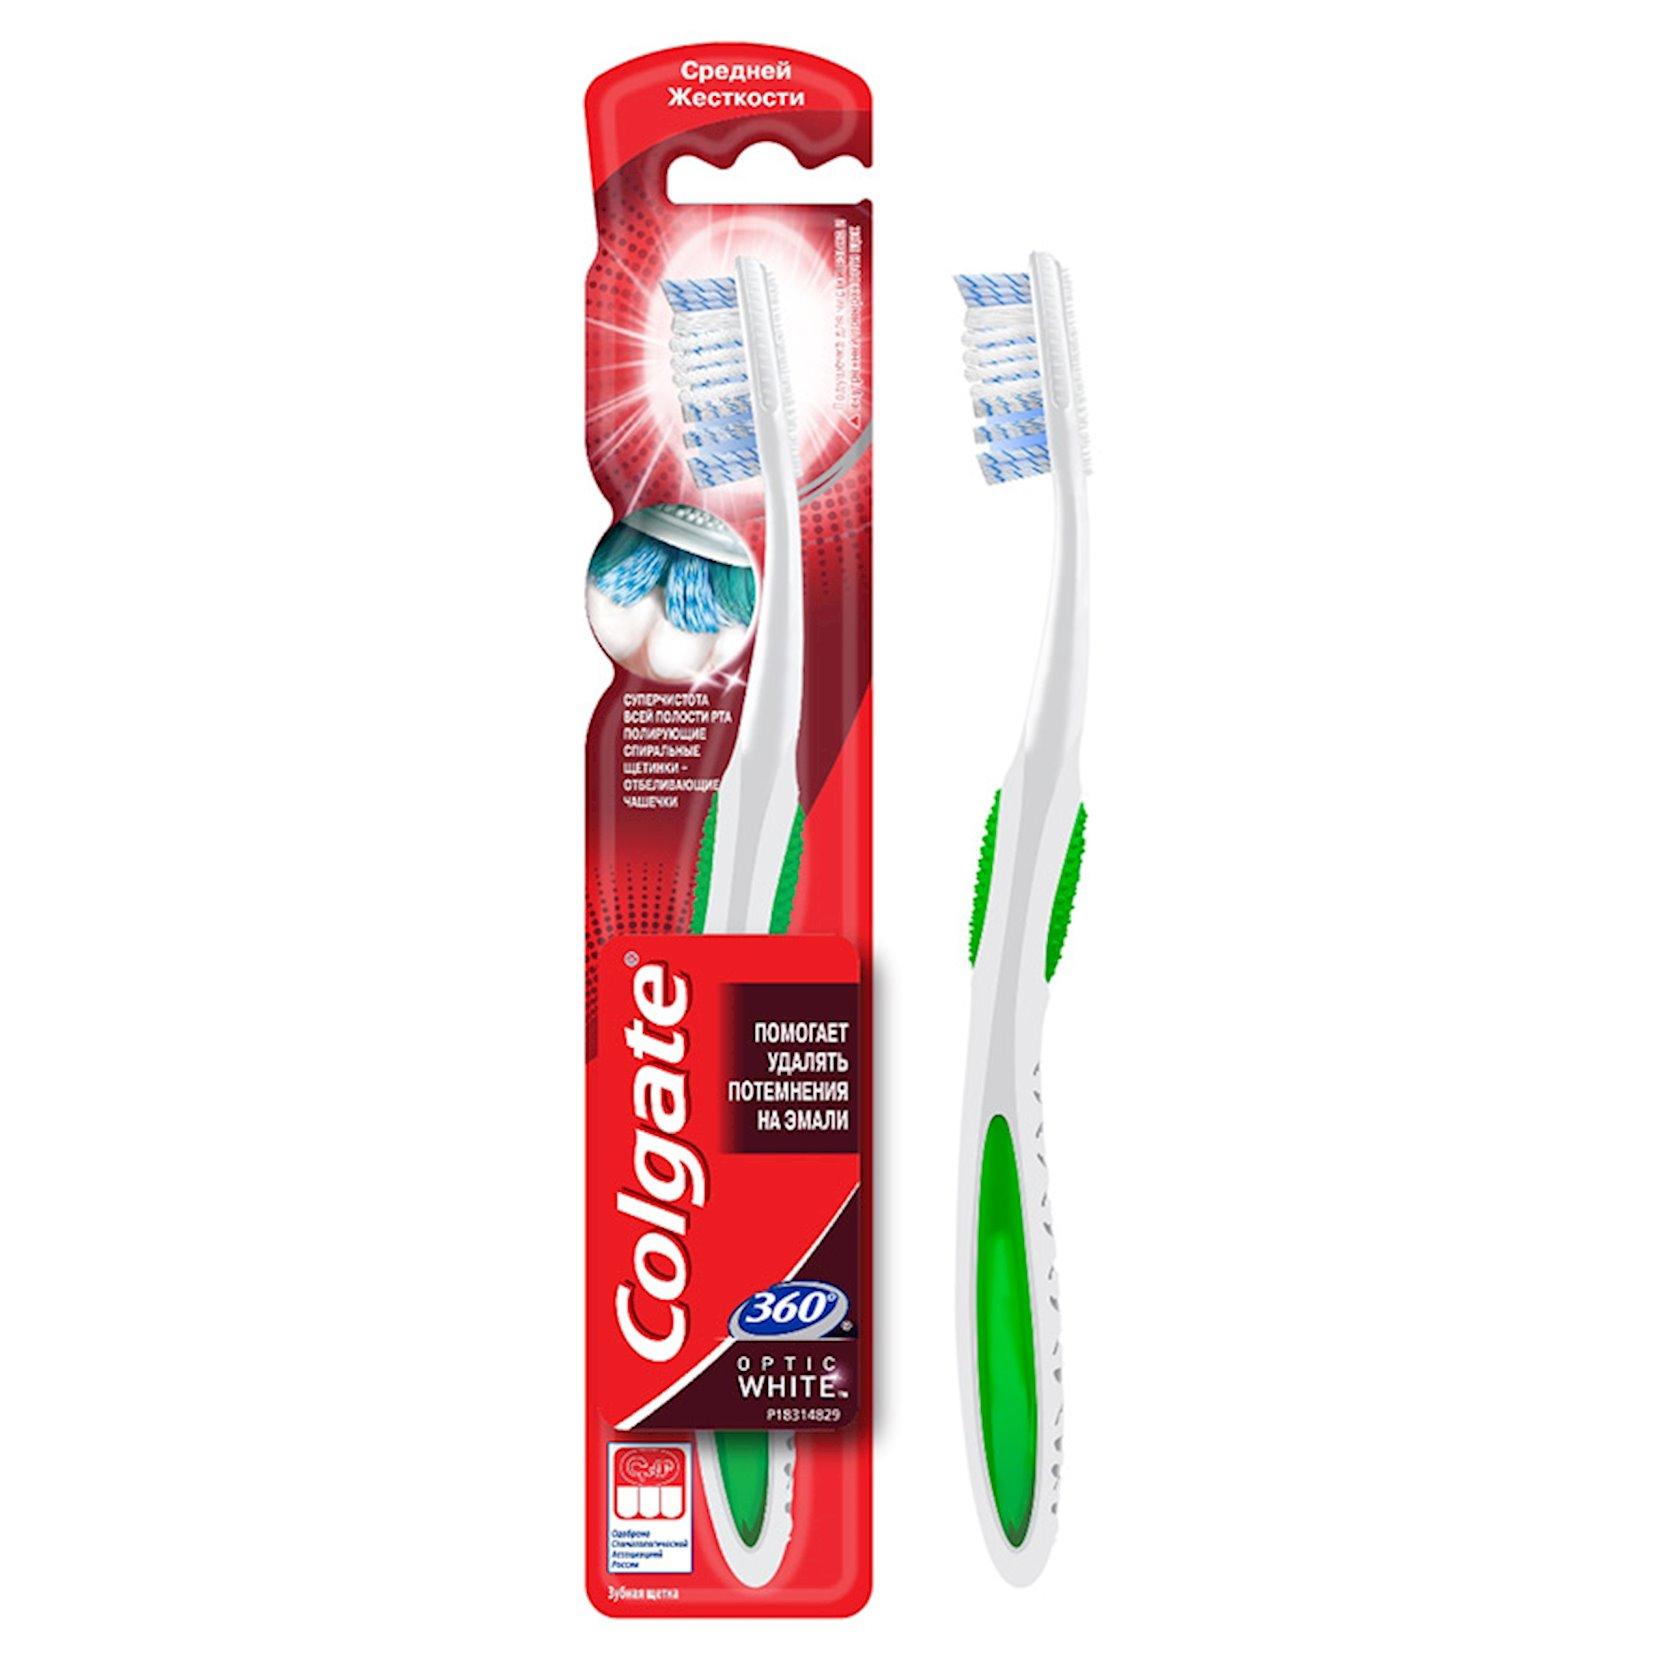 Diş fırçası Colgate 360° Optic White ağardıc orta sərtlikli